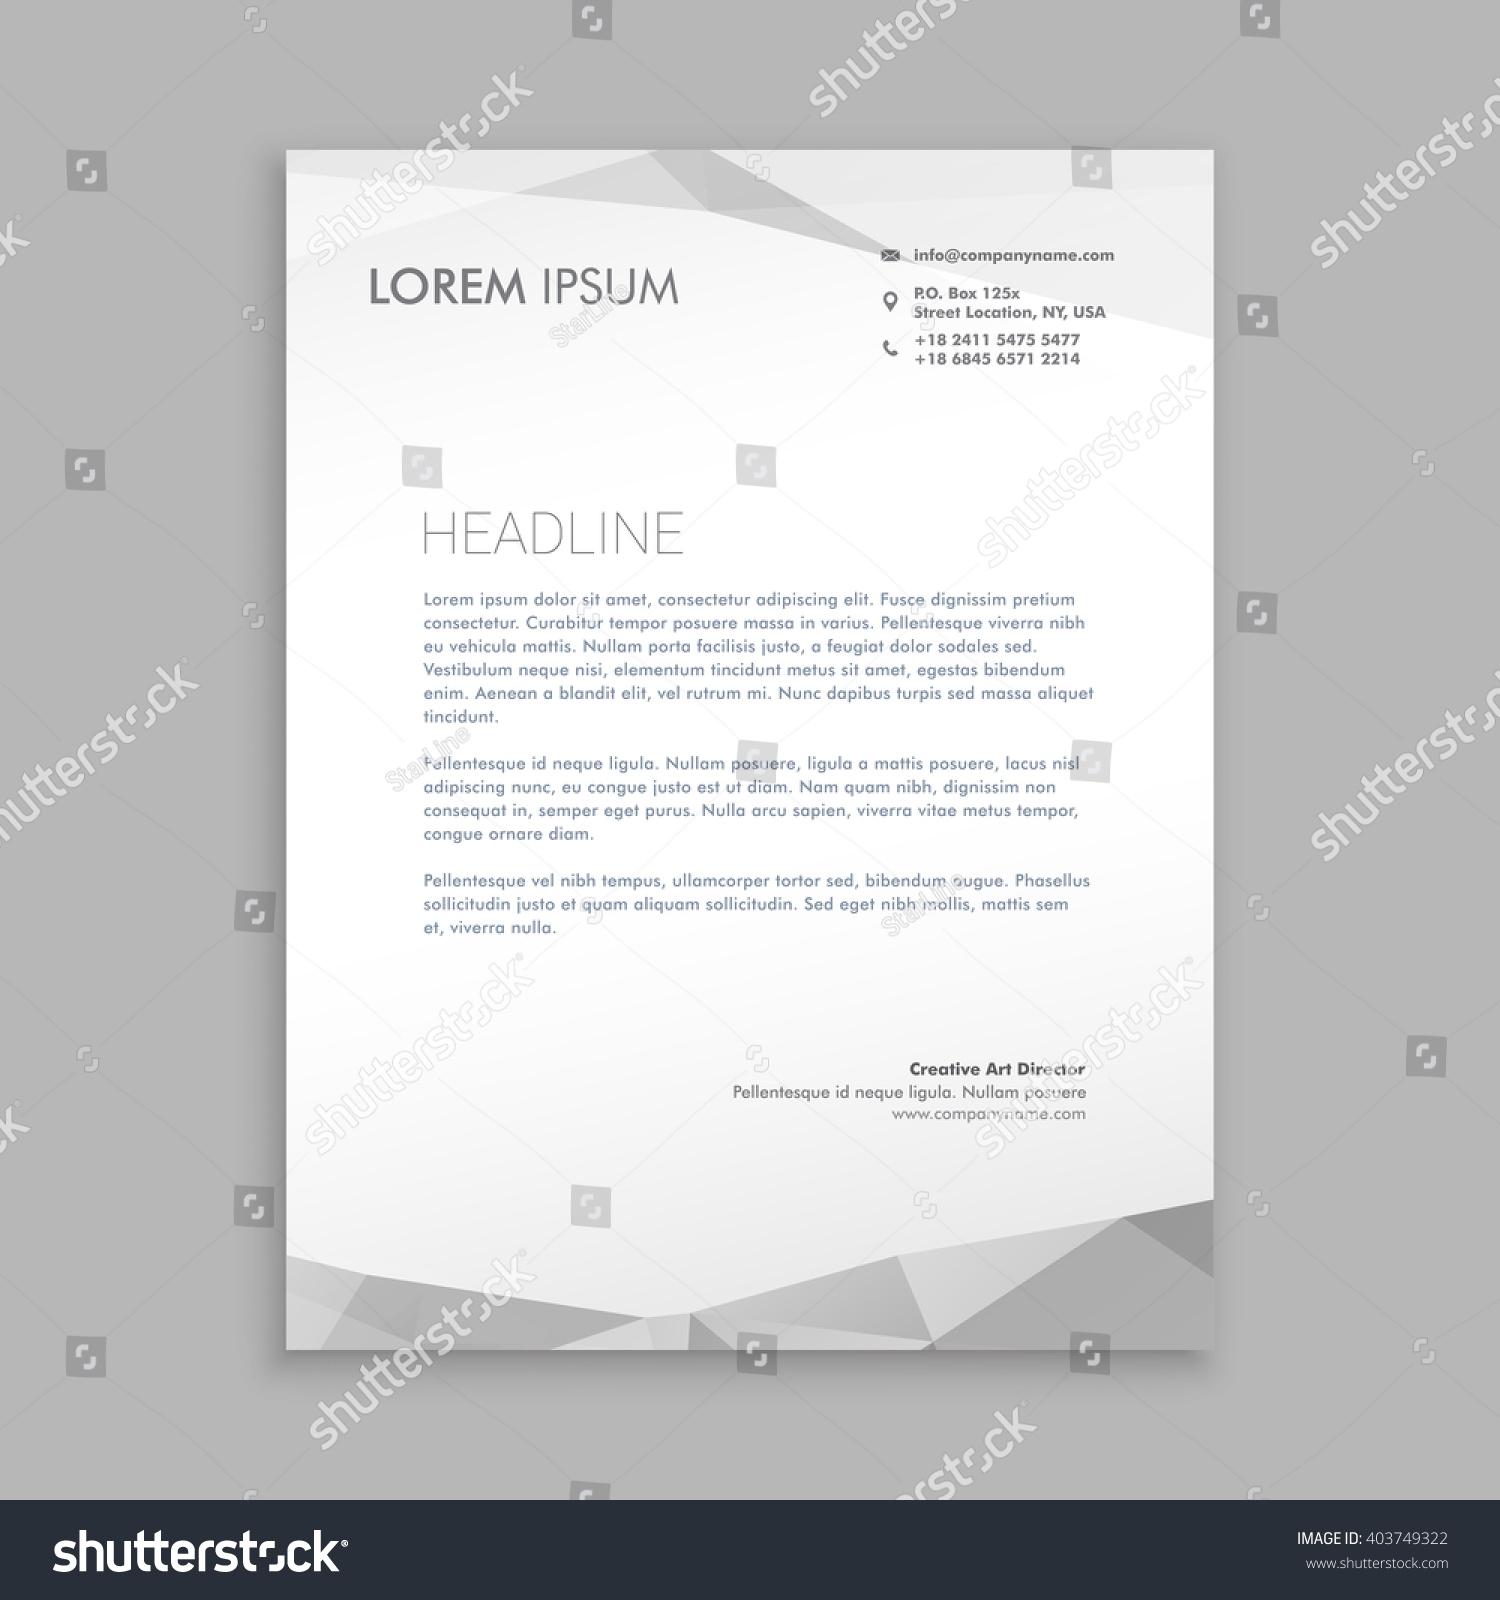 Stylish Modern Letterhead Design Stock Vector 403749322 - Shutterstock